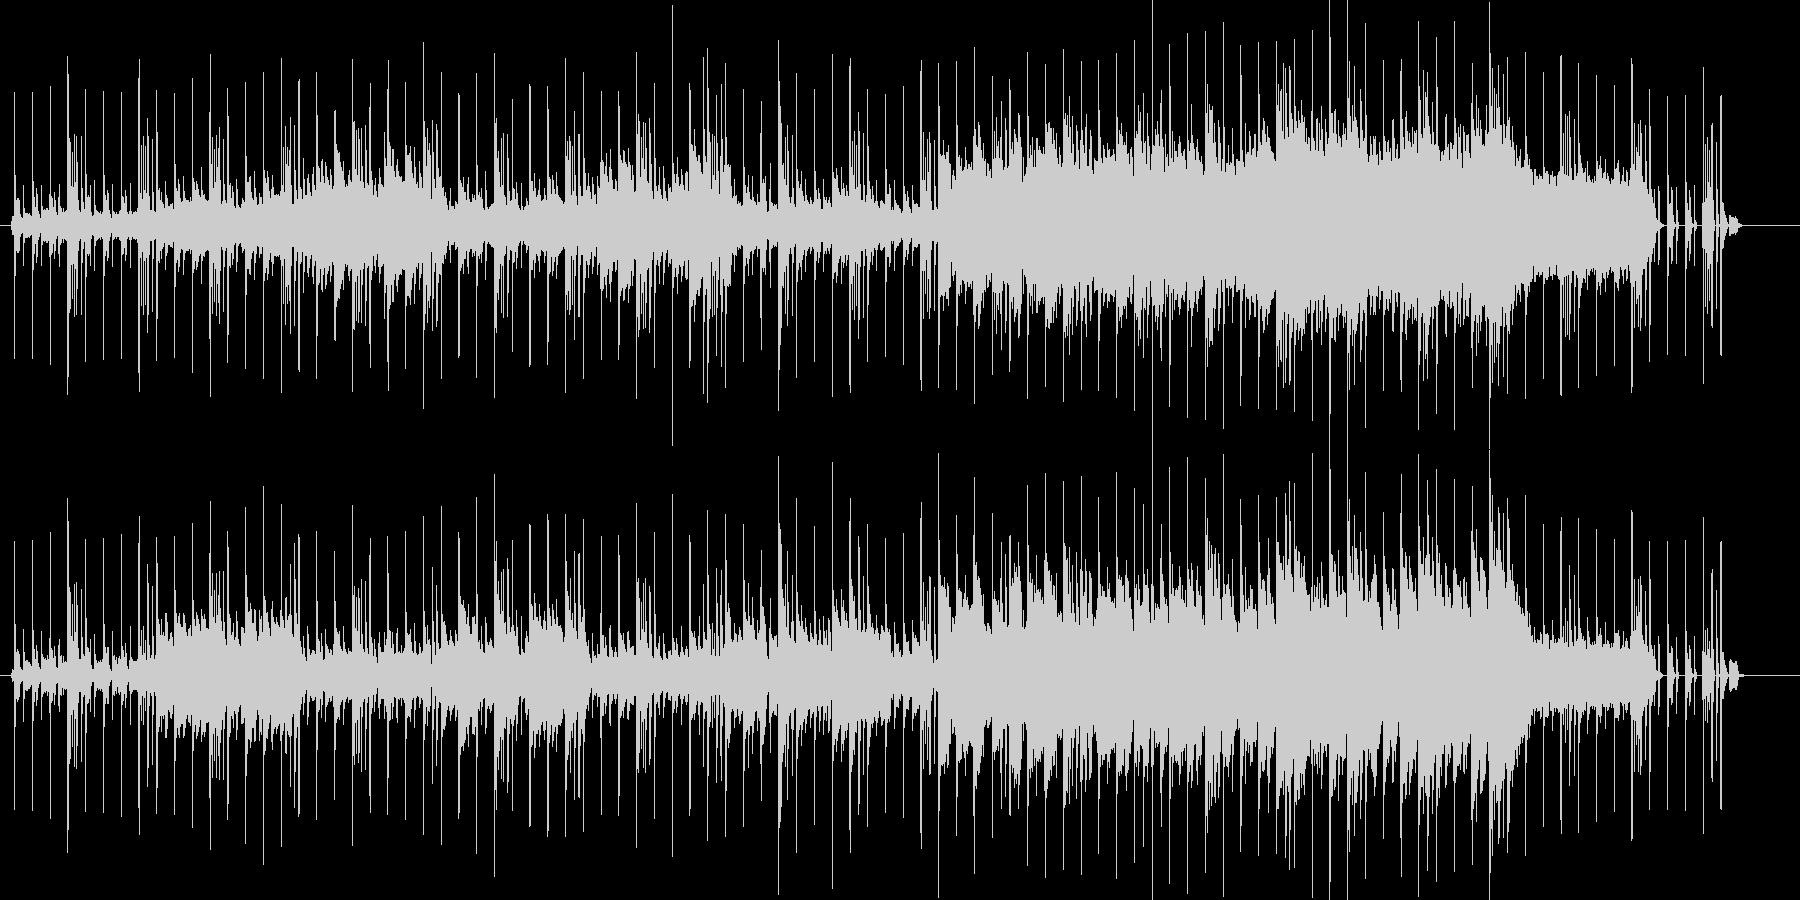 リズムシンセサイザーギター爽やかだが…の未再生の波形